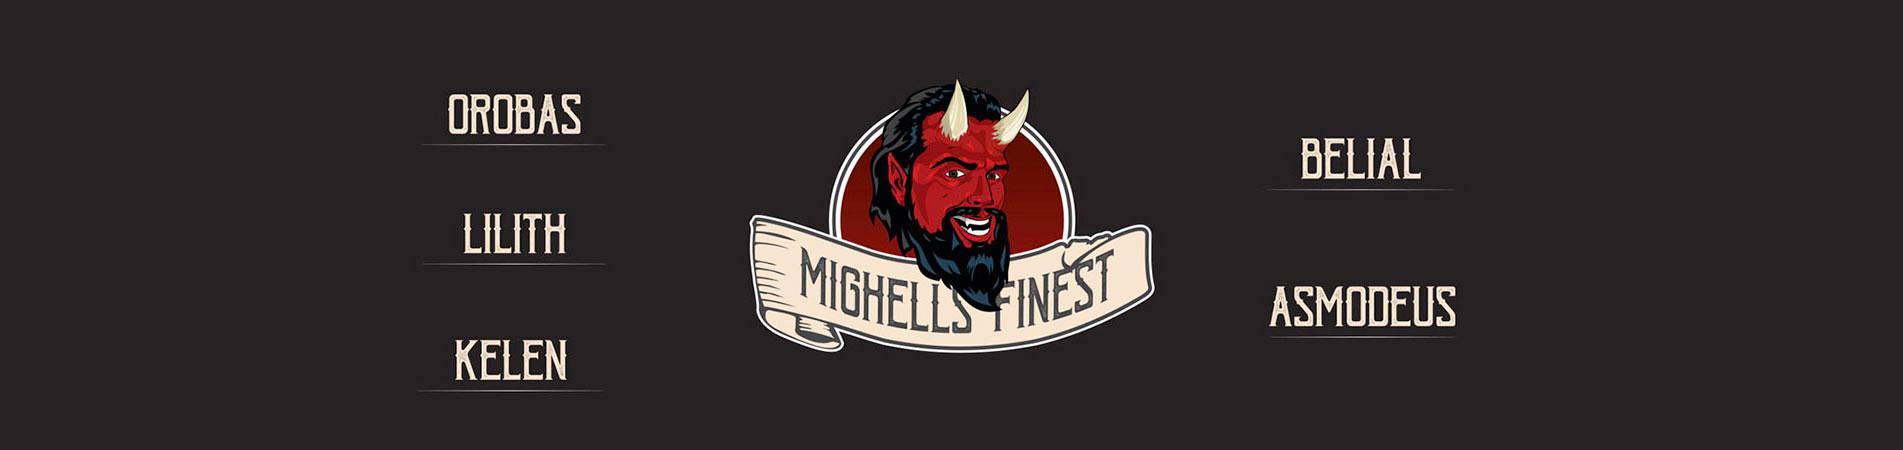 Tous nos e-liquides de chez Mighell's Finest